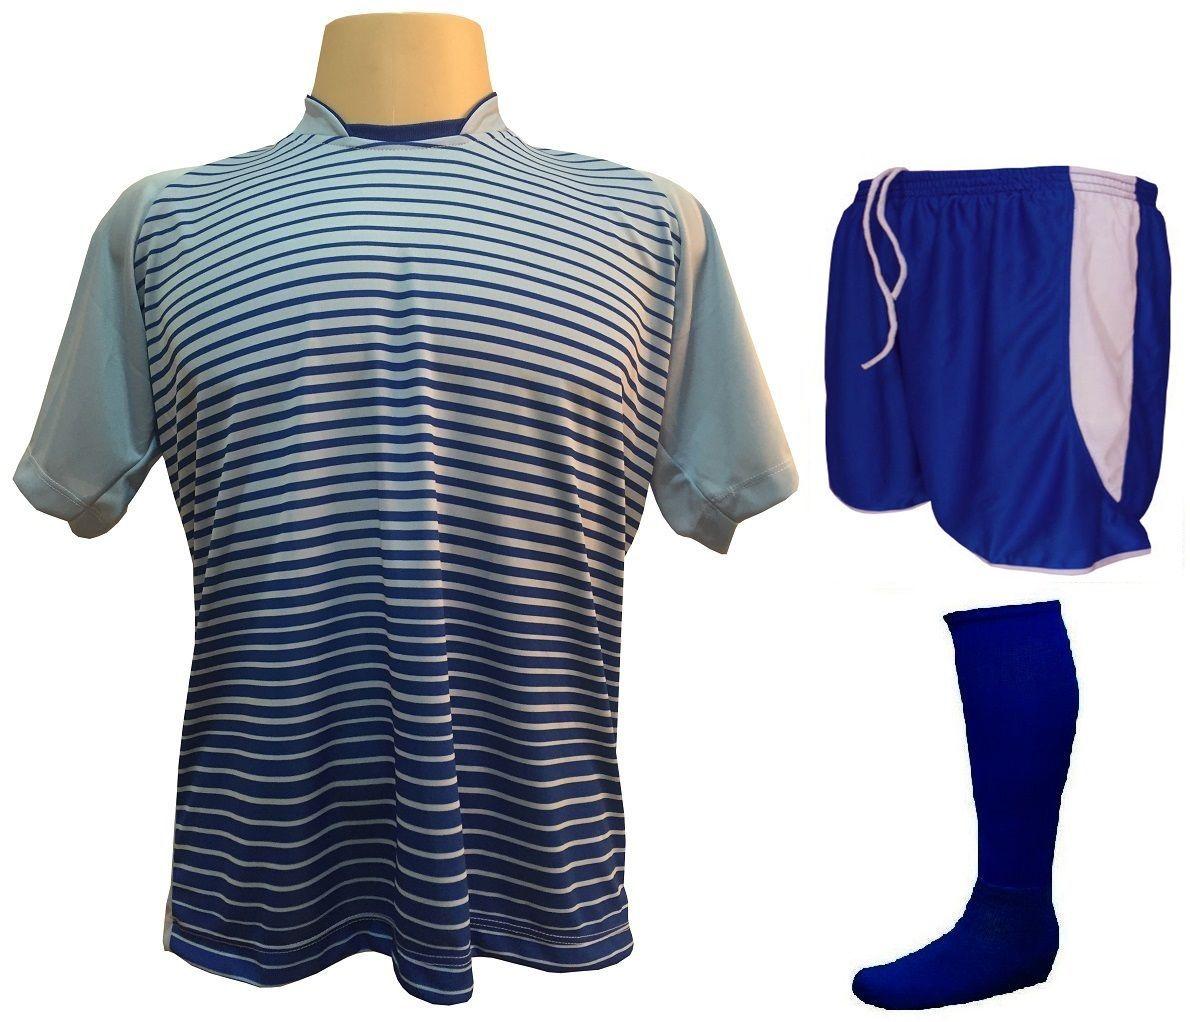 Fardamento Completo modelo City 18+1 (18 Camisas Celeste/Royal + 18 Calções Copa Royal/Branco + 18 Pares de Meiões Royal + 1 Conjunto de Goleiro) + Brindes